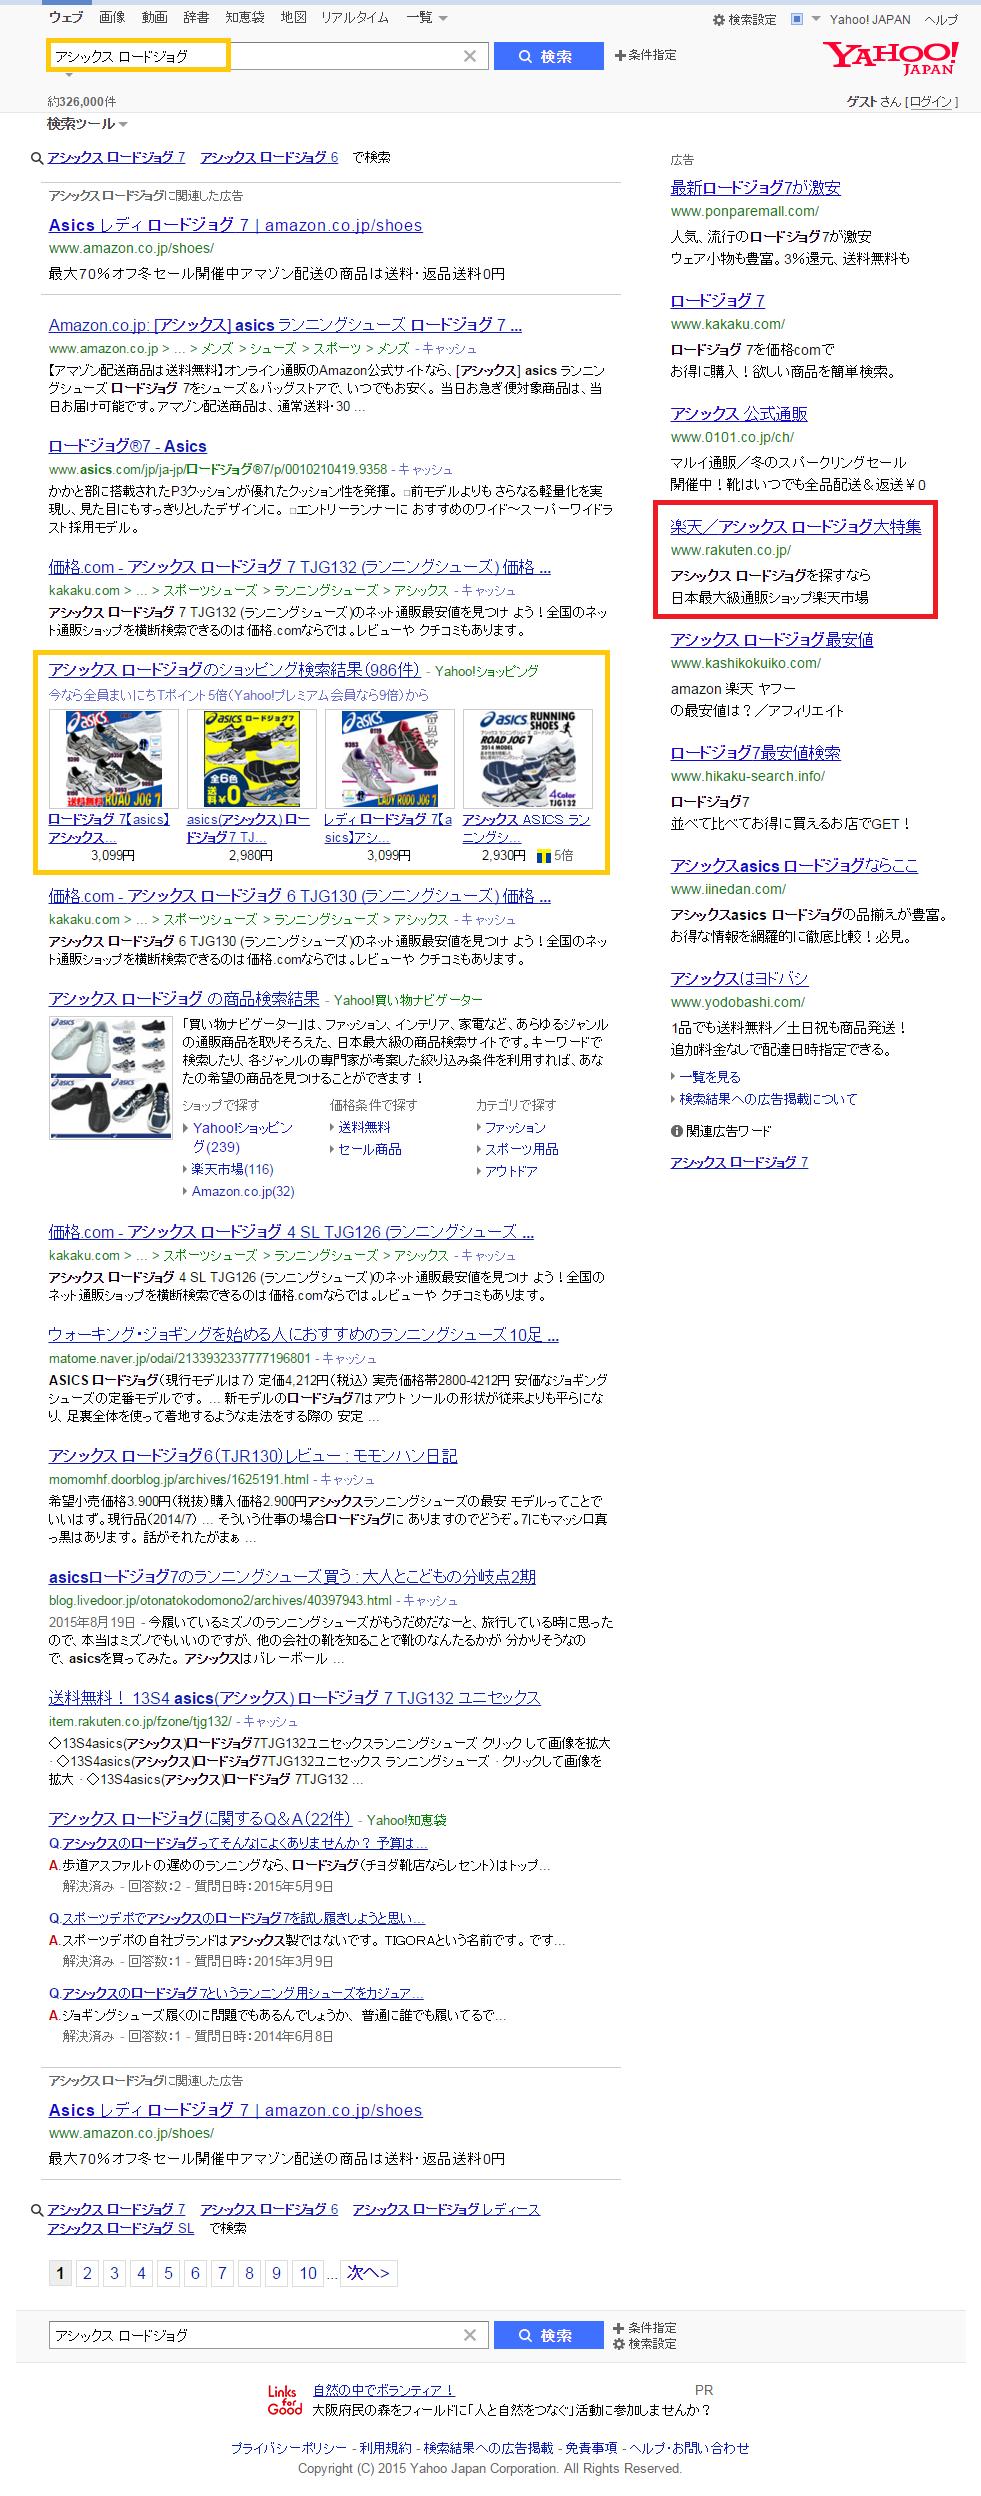 「アシックス ロードジョグ」の検索結果   Yahoo 検索.png